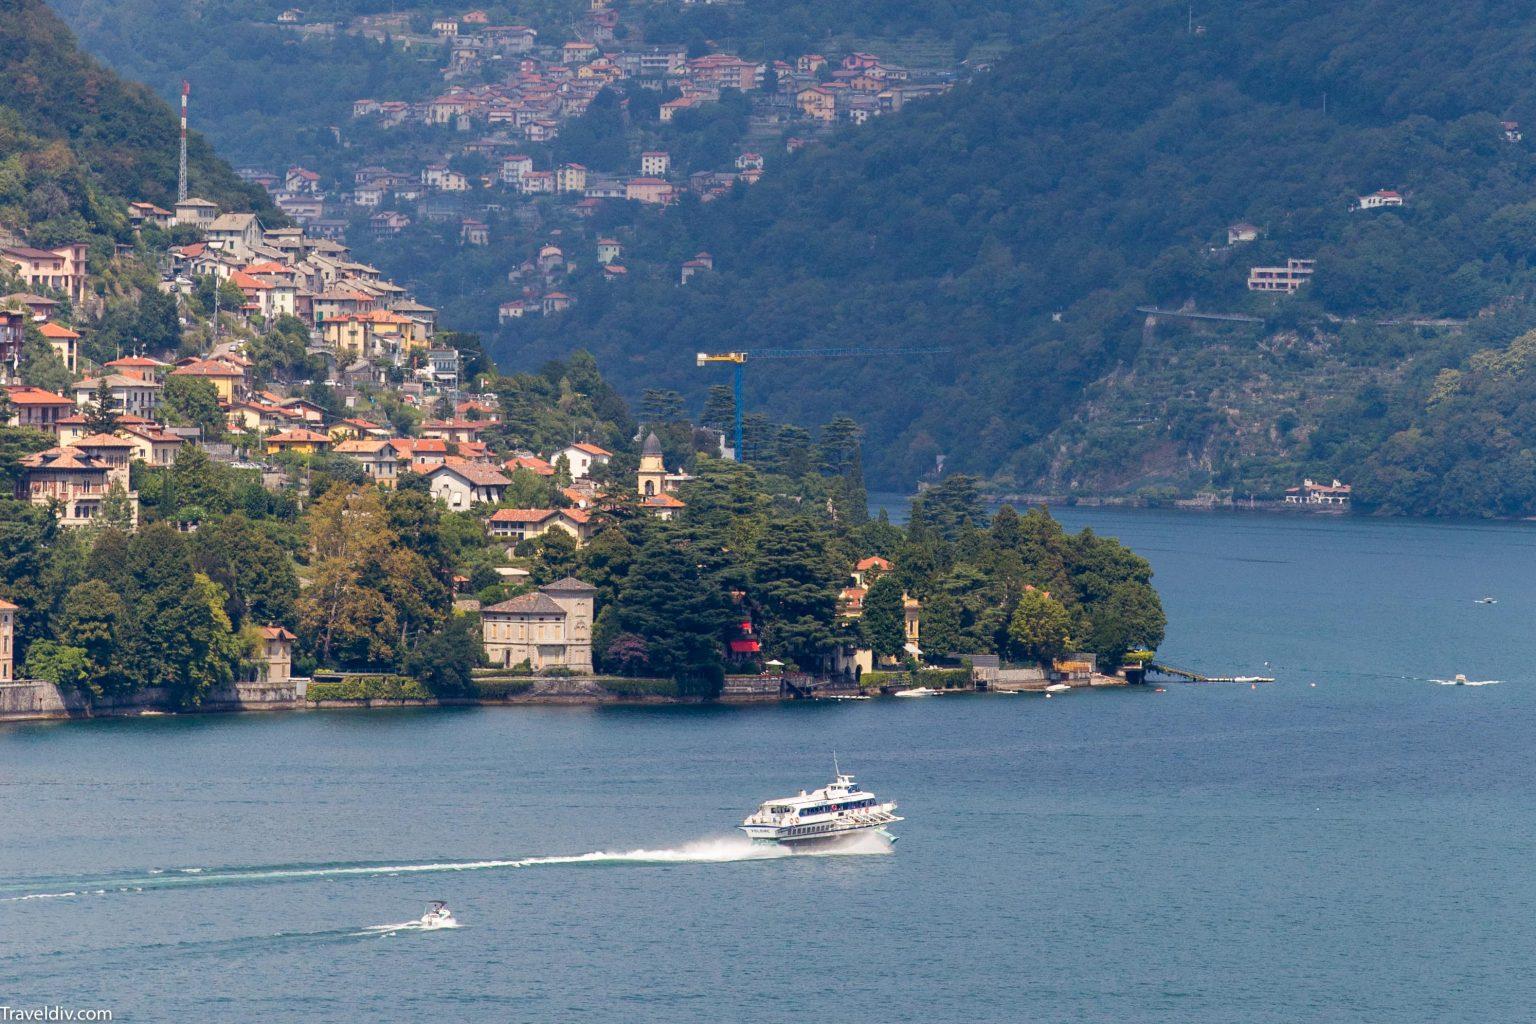 رحلتي الى ايطاليا طبيعة مذهلة واسعار مغرية !! الشمال الايطالي ميلان , كومو , فيرونا , فينيسيا-703320